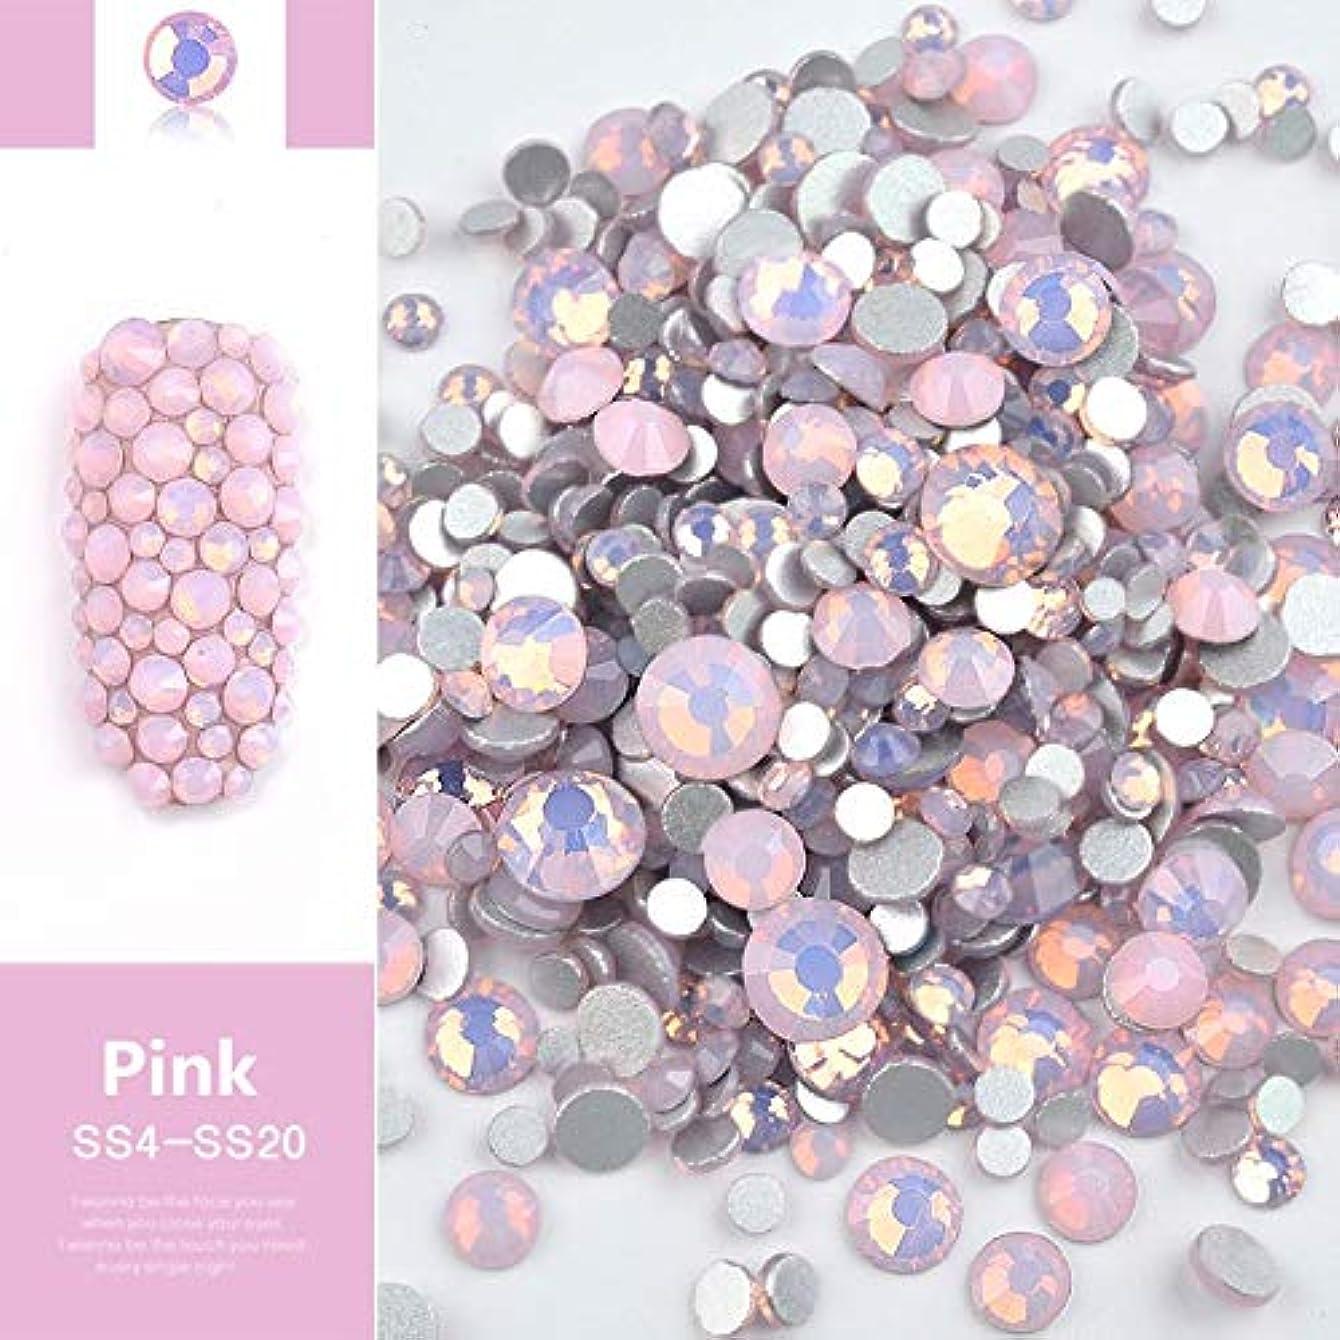 劇場サーフィンなだめるKerwinner ビーズ樹脂クリスタルラウンドネイルアートミックスフラットバックアクリルラインストーンミックスサイズ1.5-4.5 mm装飾用ネイル (Color : Pink)